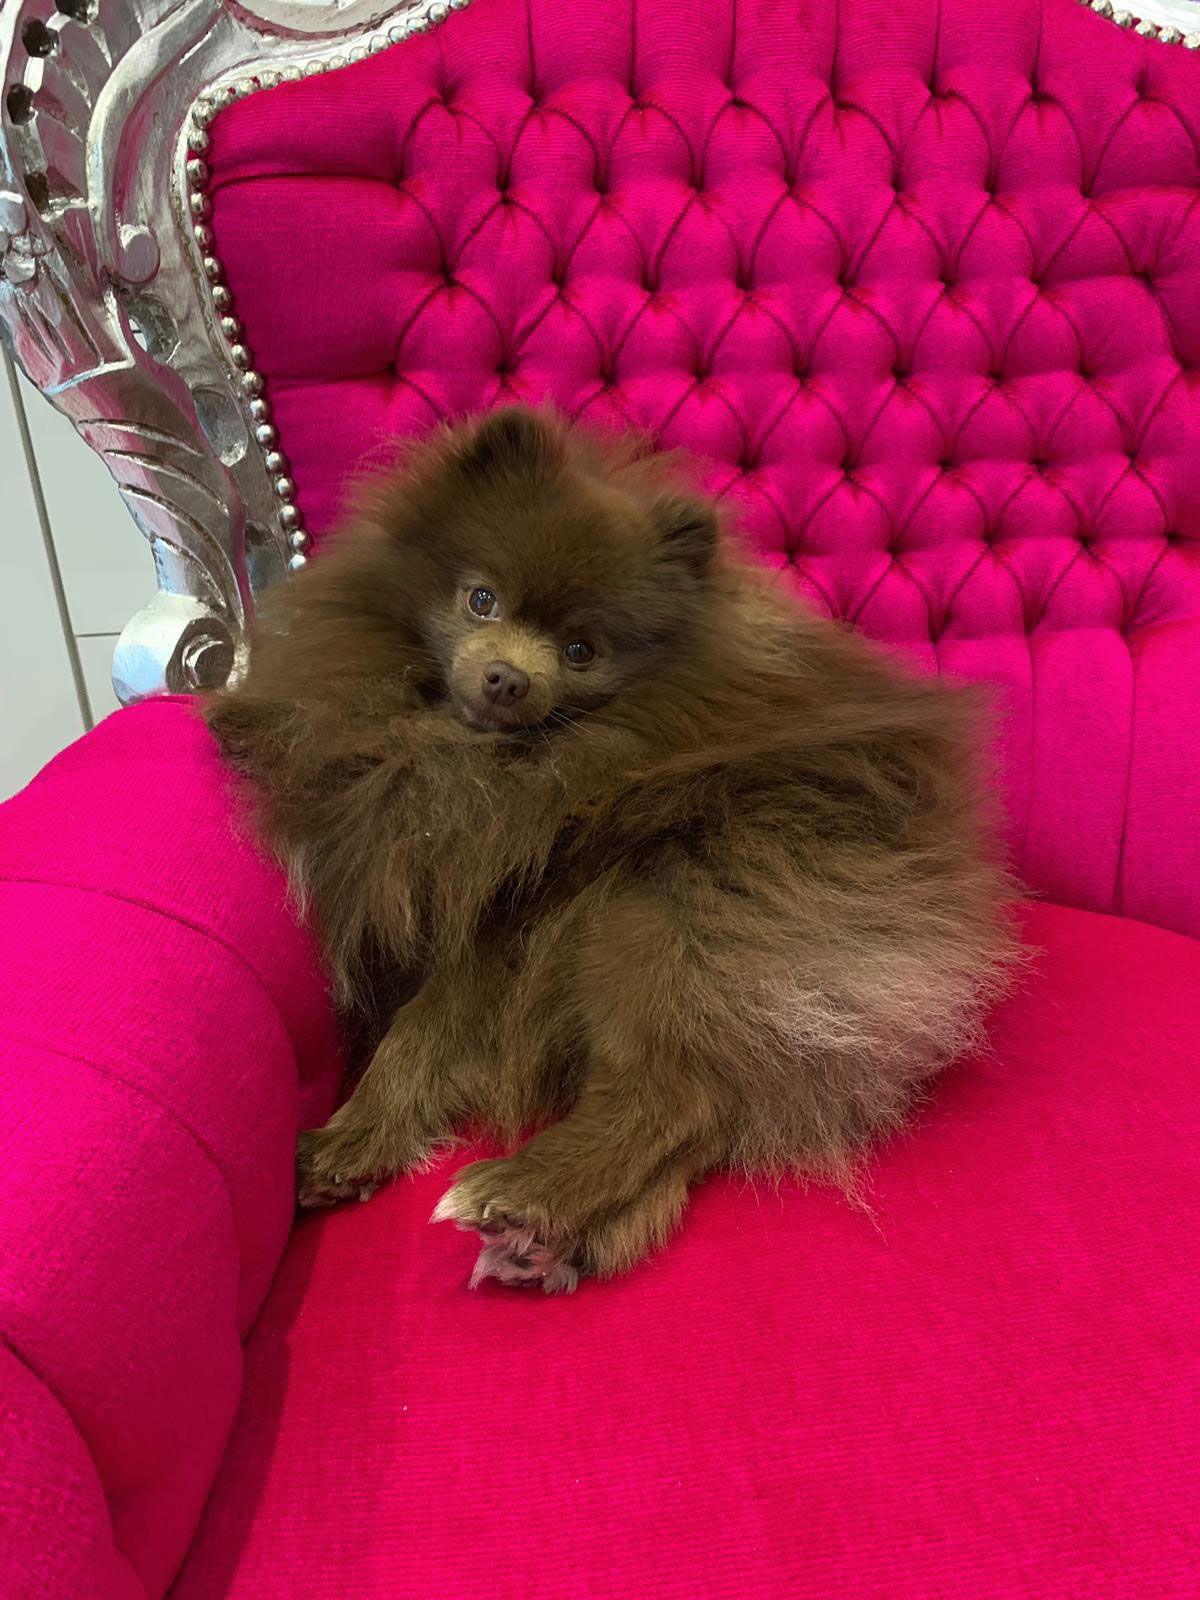 Spitzzucht Von Der Arnolds Eiche Wir Zuchten Gross Klein Zwergspitz Welpen Rassehunde Hunde Welpen Hau In 2020 Pomeranian Puppy Teacup Pomeranian Puppy Pomeranian Dog